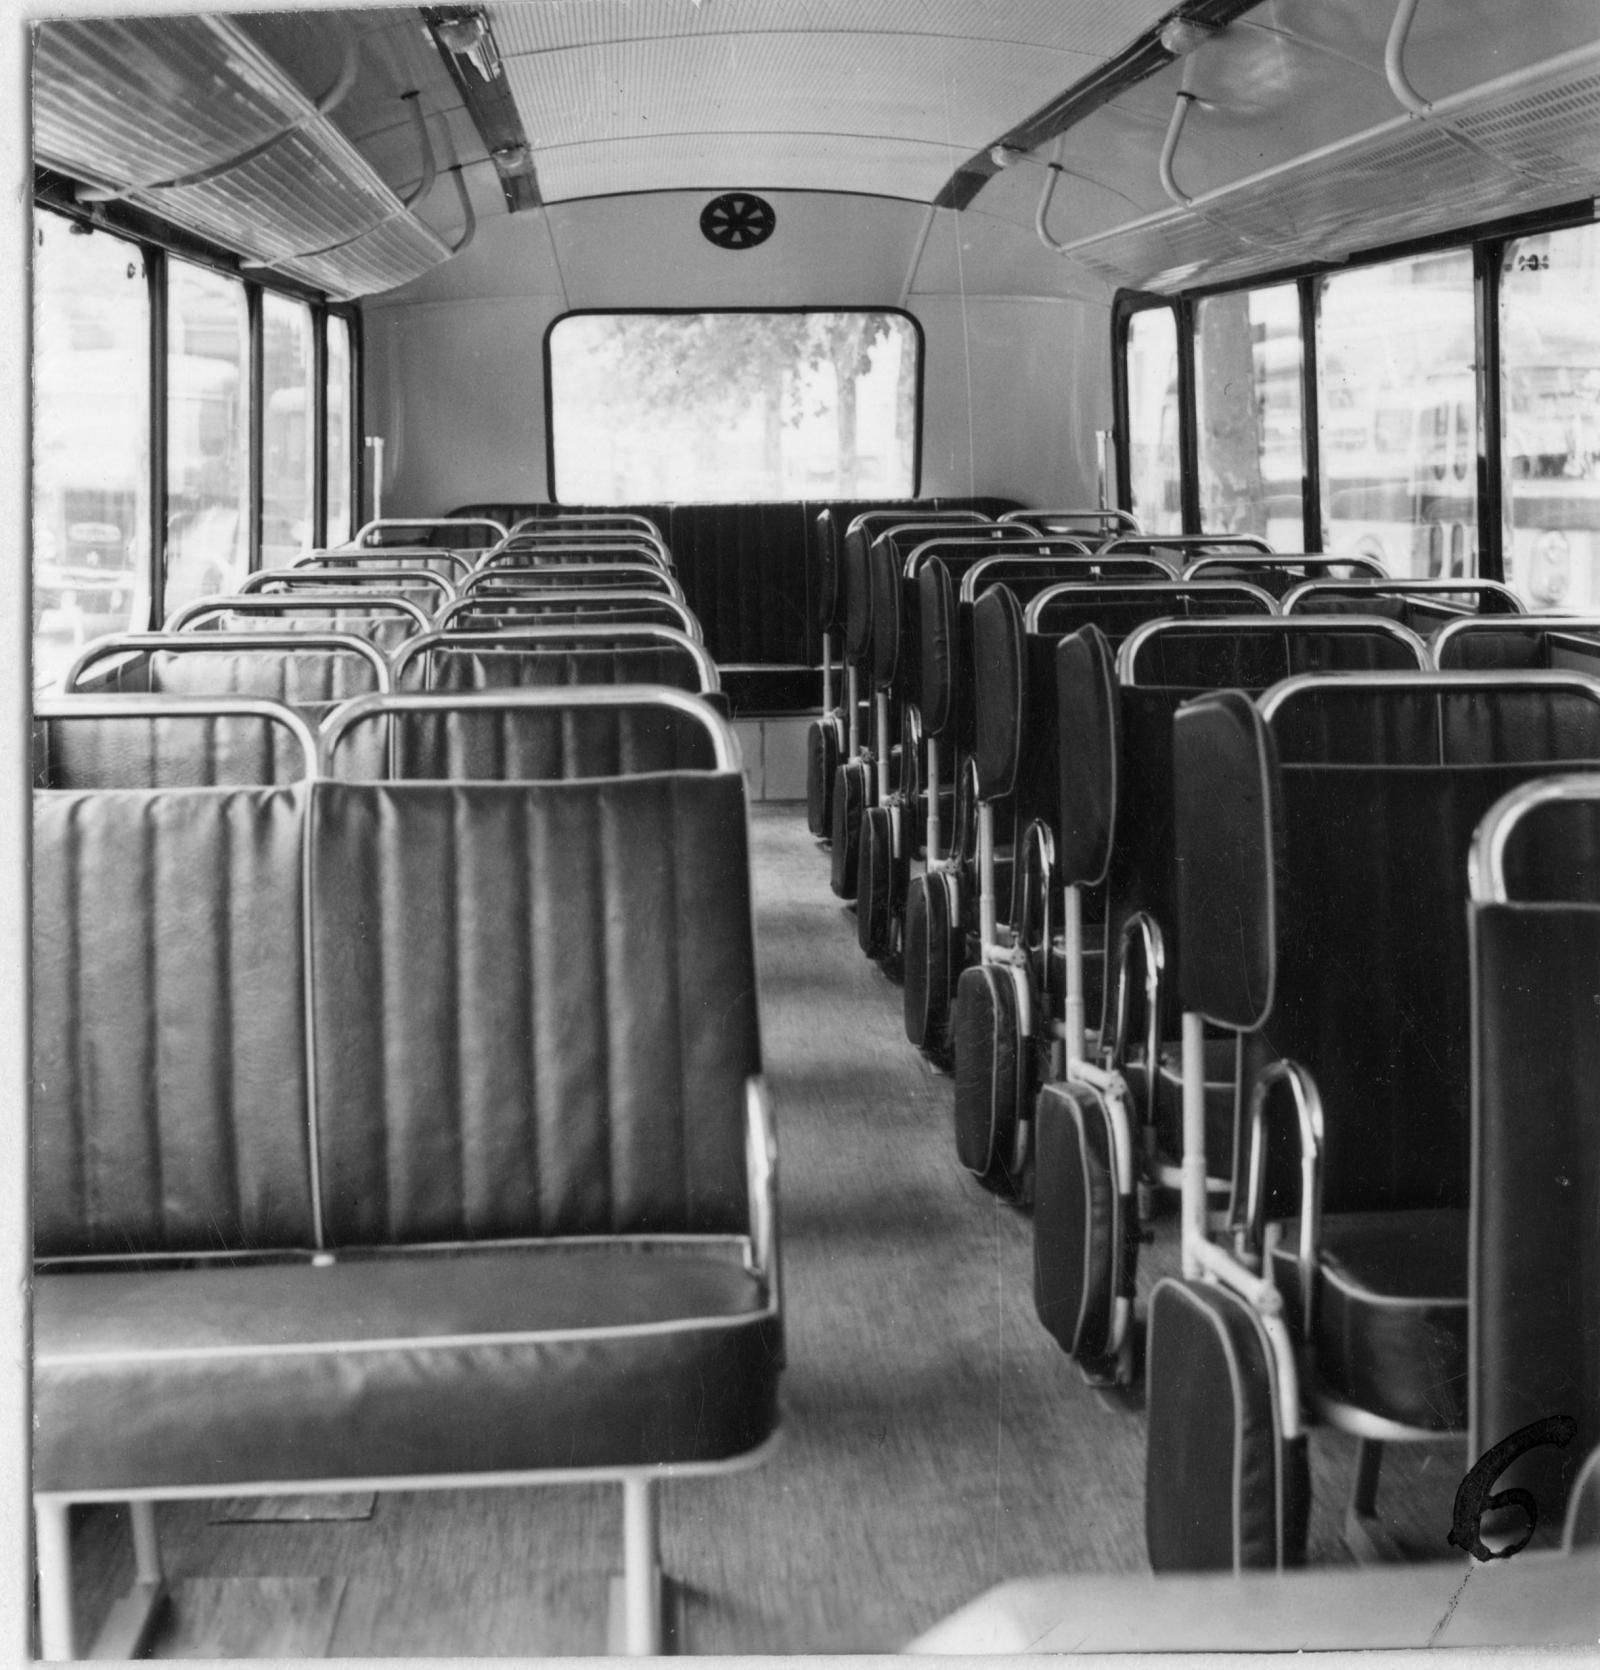 Autocarro U23 - Interior do transporte escolar